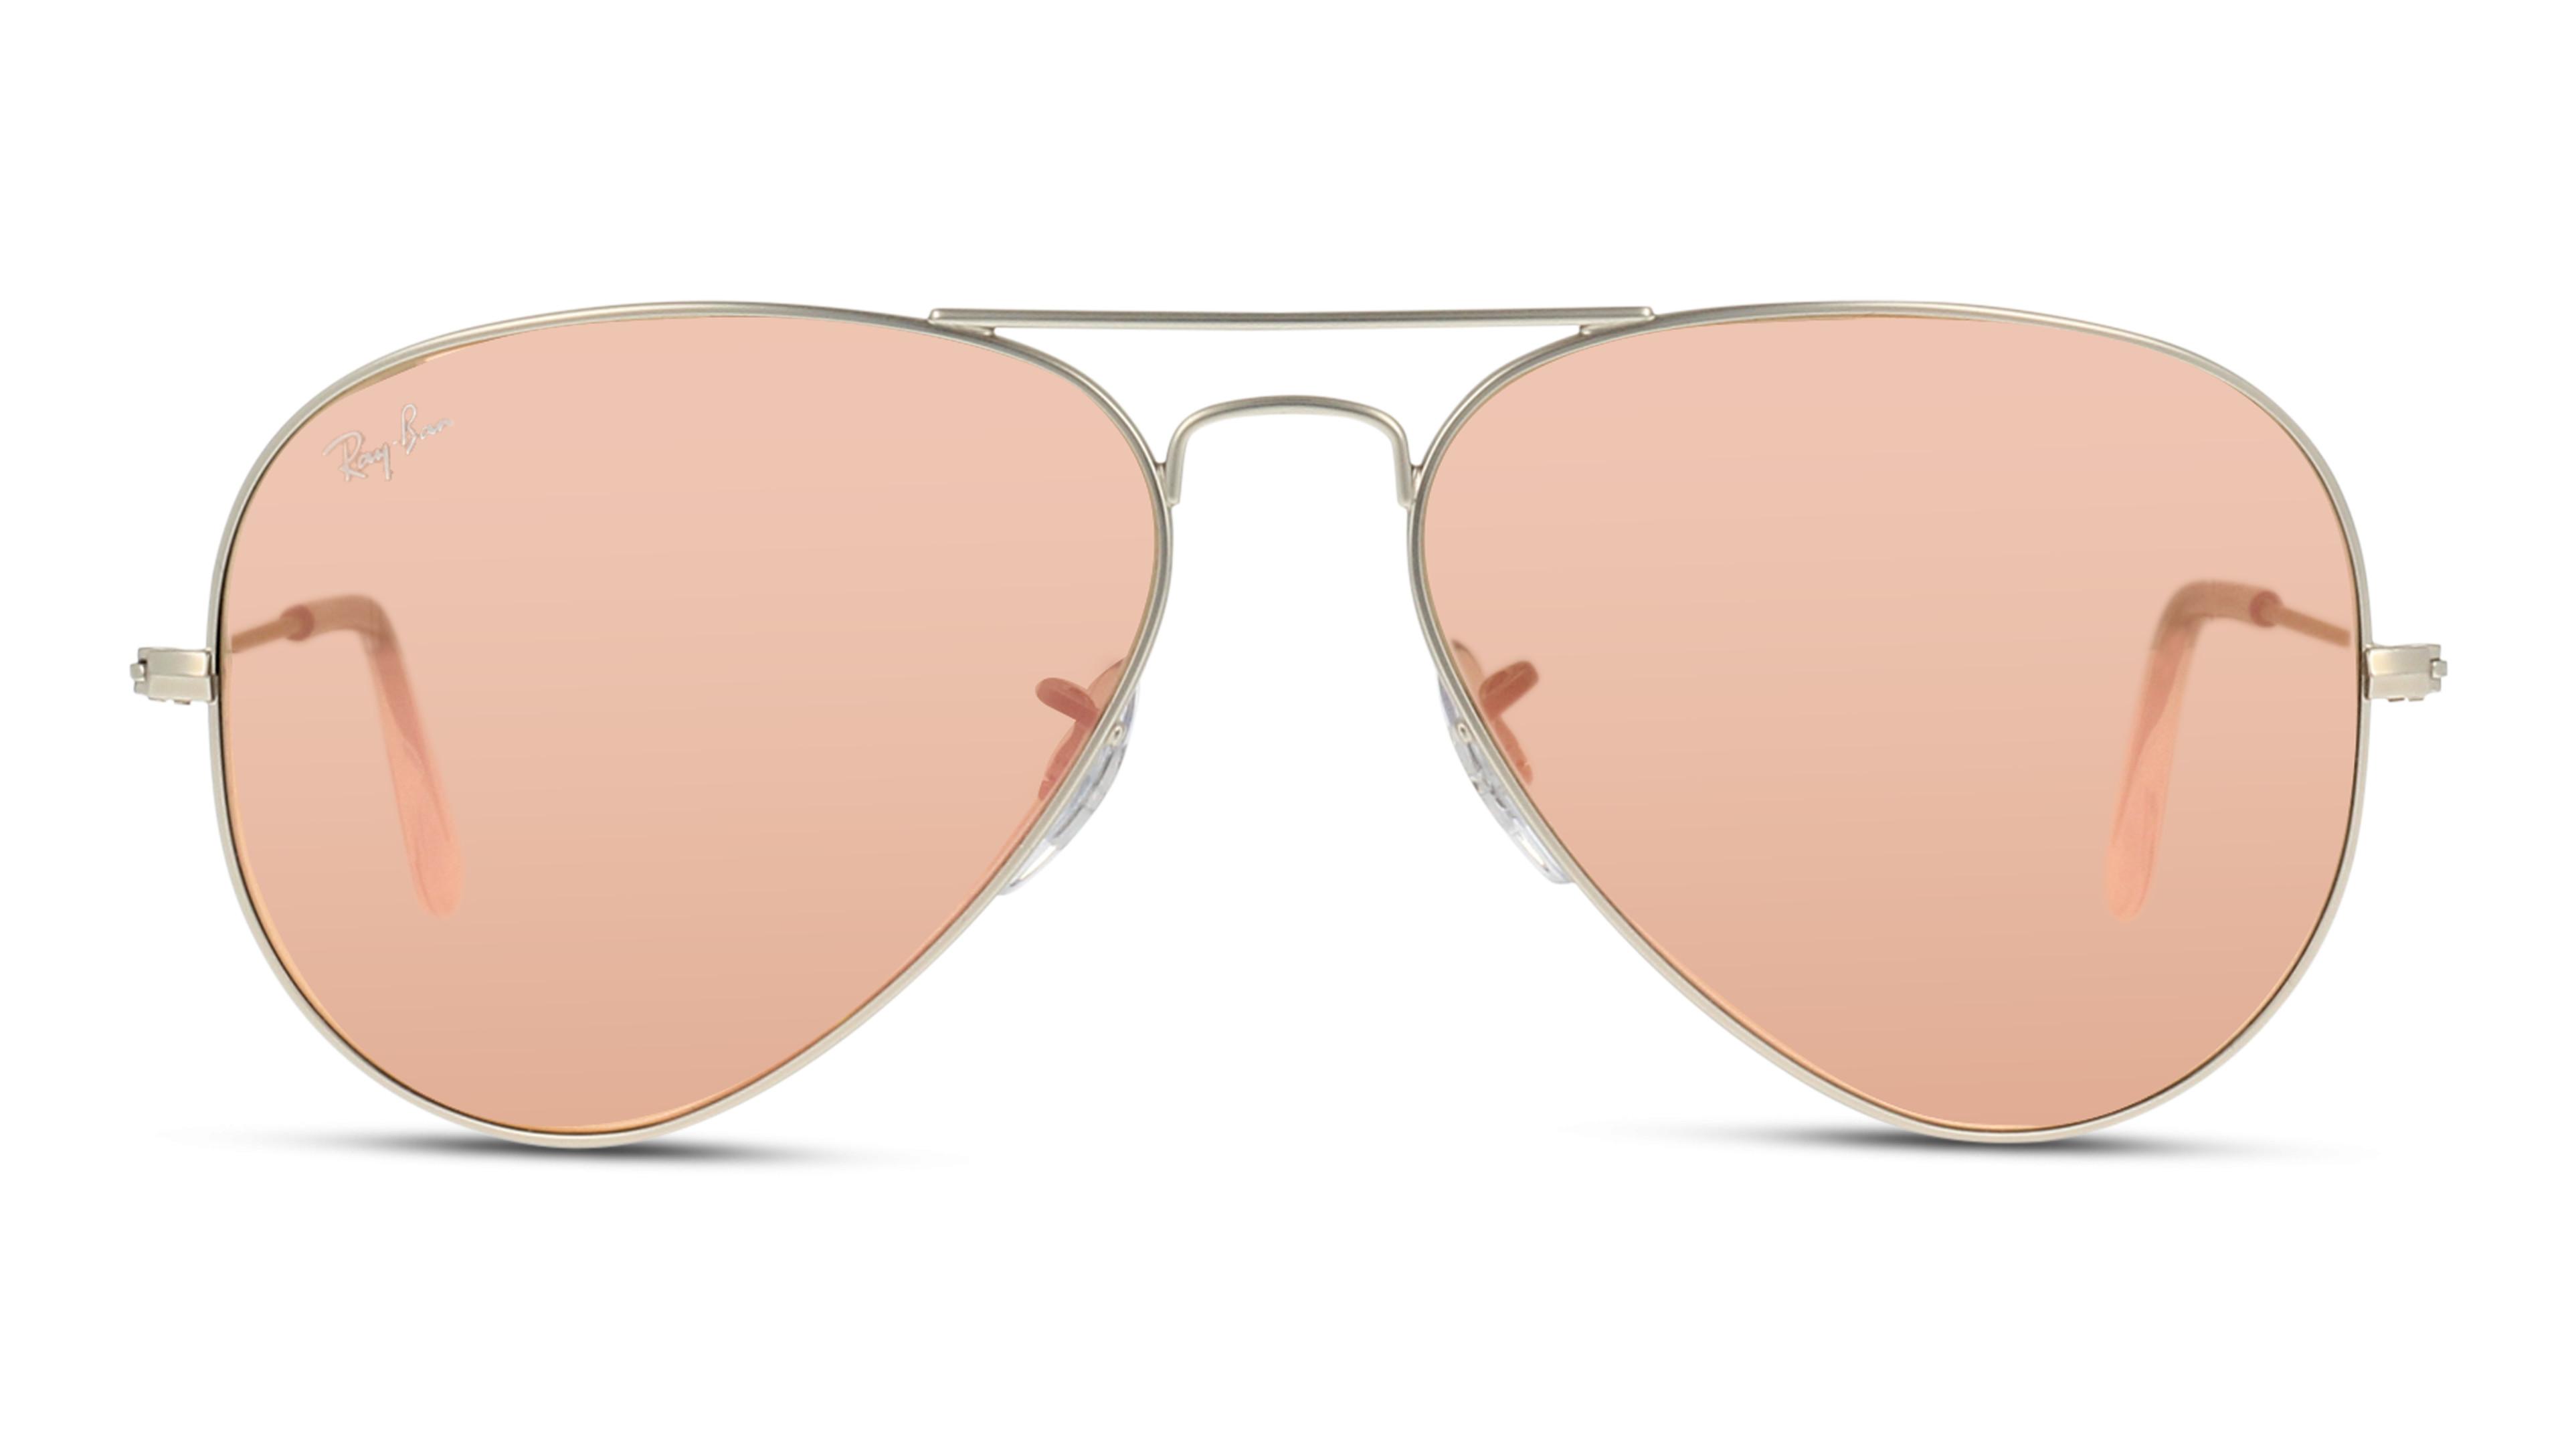 8053672158656-front-01-rayban-glasses-eyewear-pair